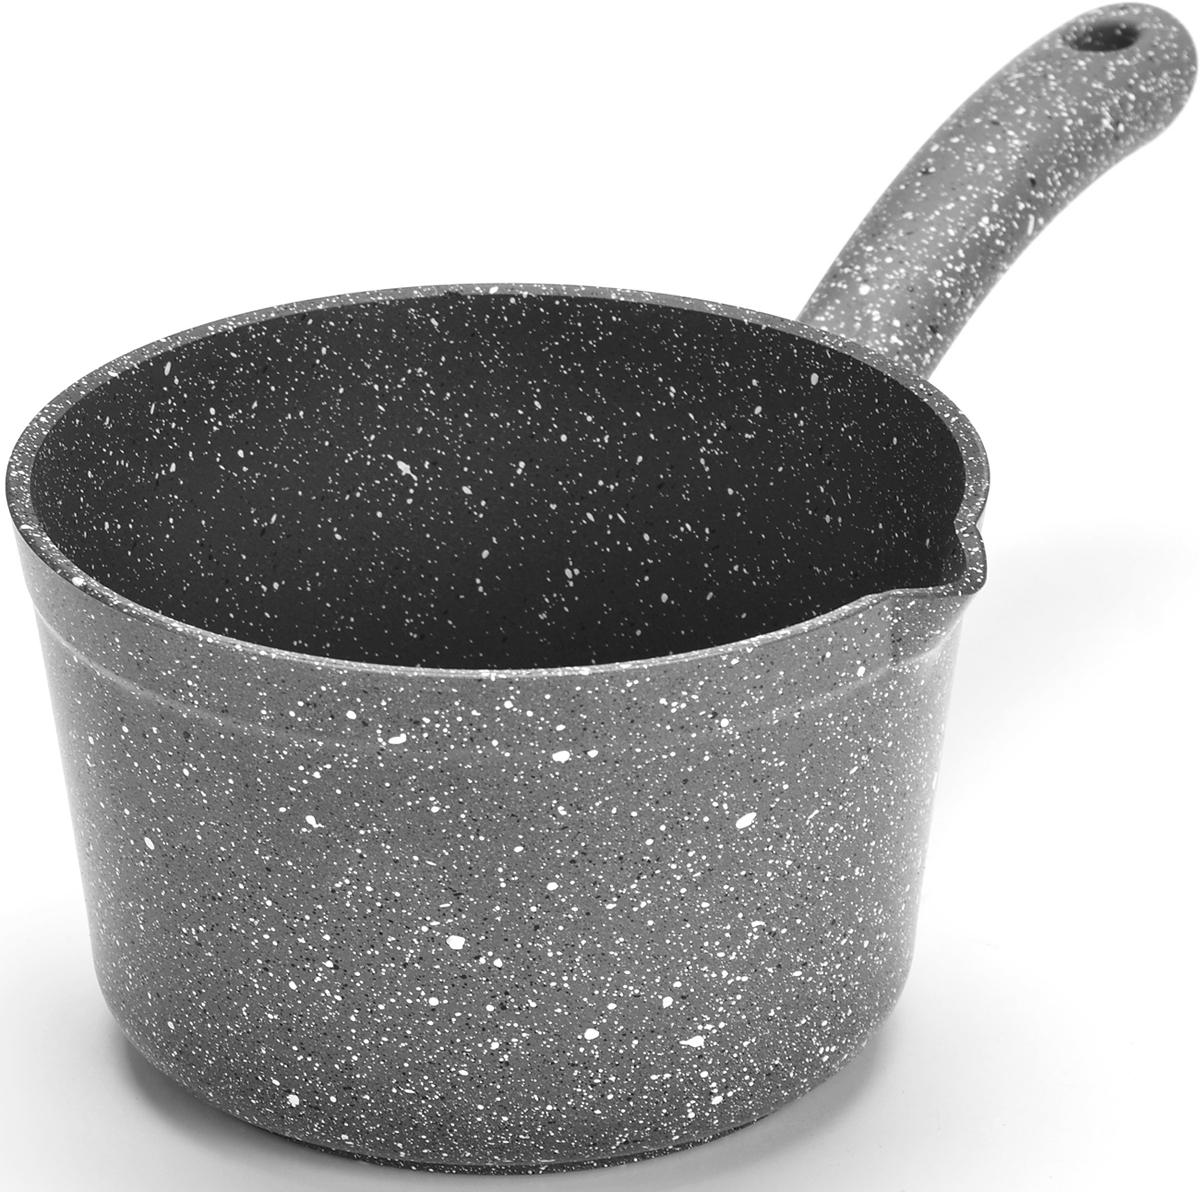 """Ковш """"Mayer & Boch"""" изготовлен из литого алюминия, что исключает возможность деформации и гарантирует долгий срок службы. Гладко проточенное, утолщенное дно, обеспечивает идеальный контакт с конфоркой и способствует равномерному разогреванию пищи. Мраморное антипригарное покрытие позволяет готовить, практически не используя растительное масло, что значительно увеличивает полезность приготовляемой еды. Бакелитовая ручка ковша не нагревается и оснащена отверстием для подвеса на крючок. Подходит для всех видов плит, кроме индукционных. Подходит для мытья в посудомоечной машине."""